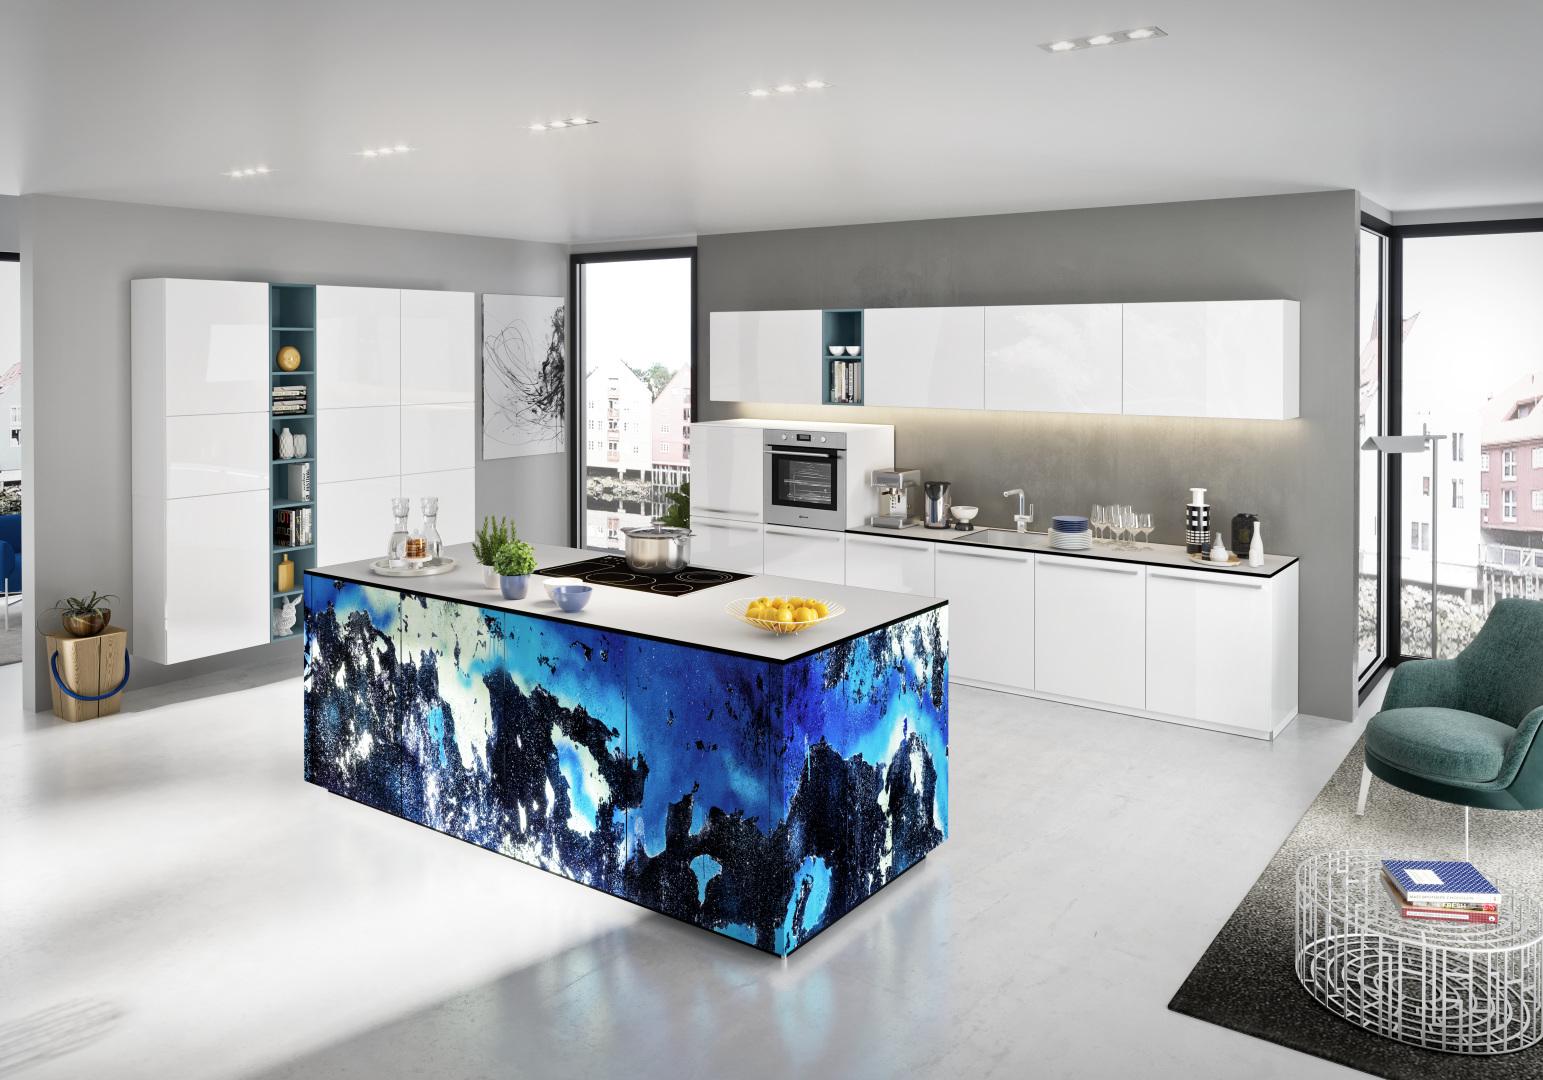 Full Size of Nolte Kchen 2019 Test Schlafzimmer Betten Küche Küchen Regal Wohnzimmer Nolte Küchen Glasfront